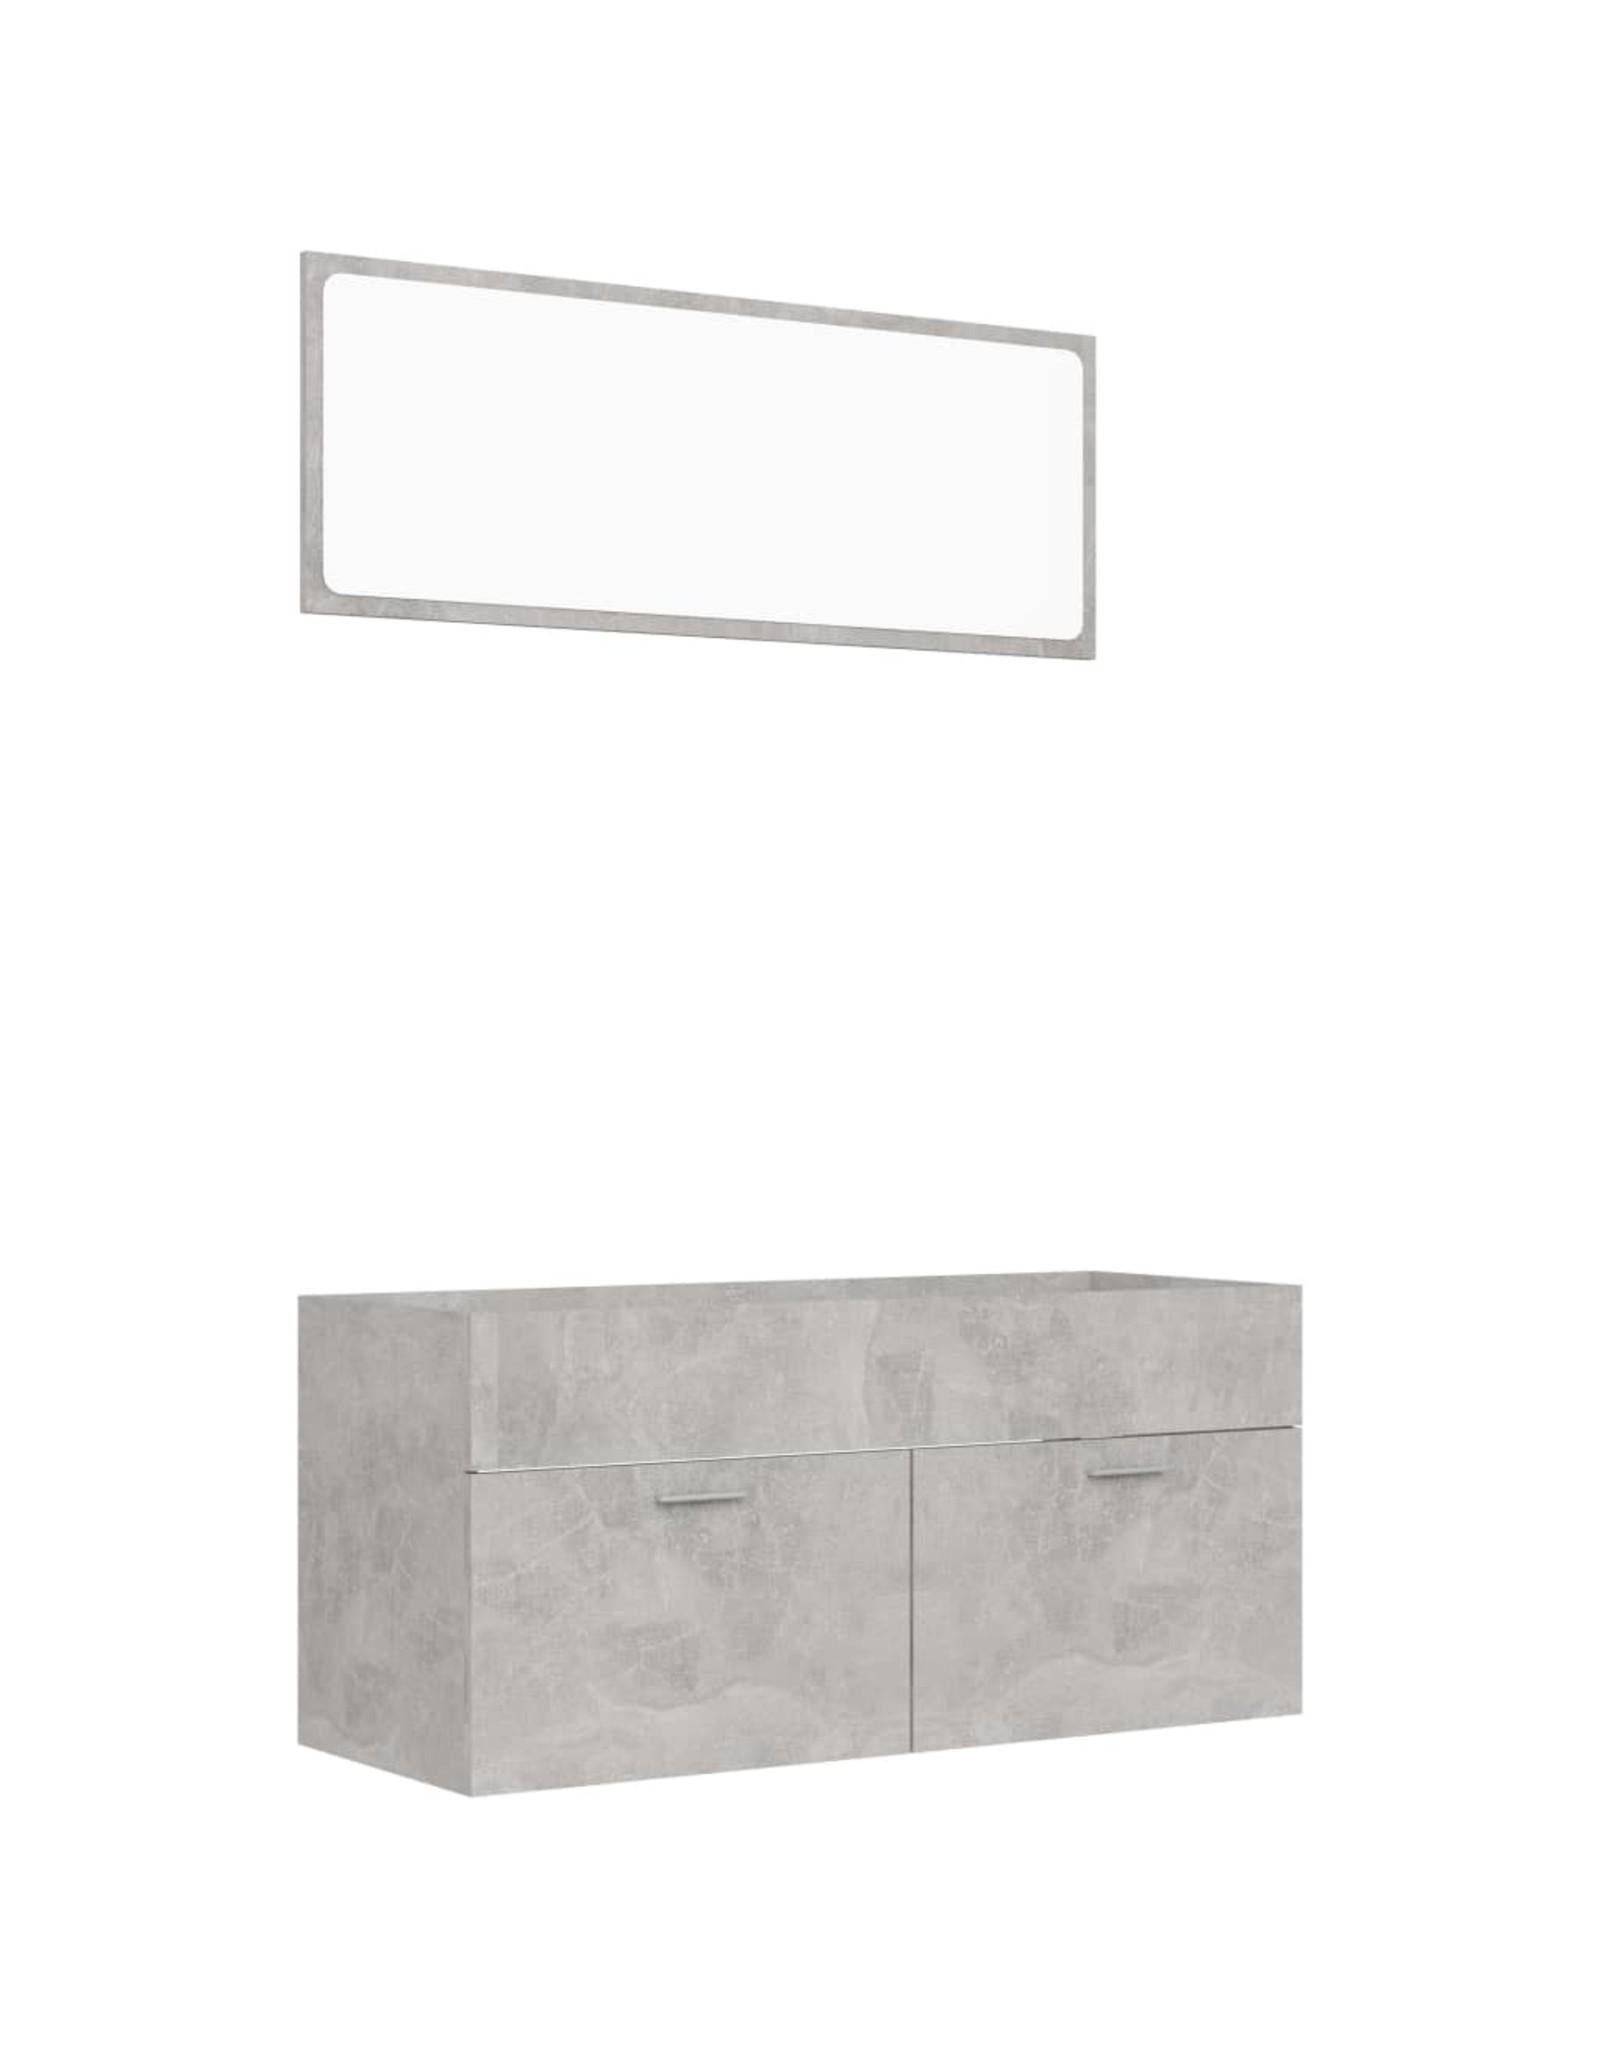 2-delige Badkamermeubelset spaanplaat betongrijs